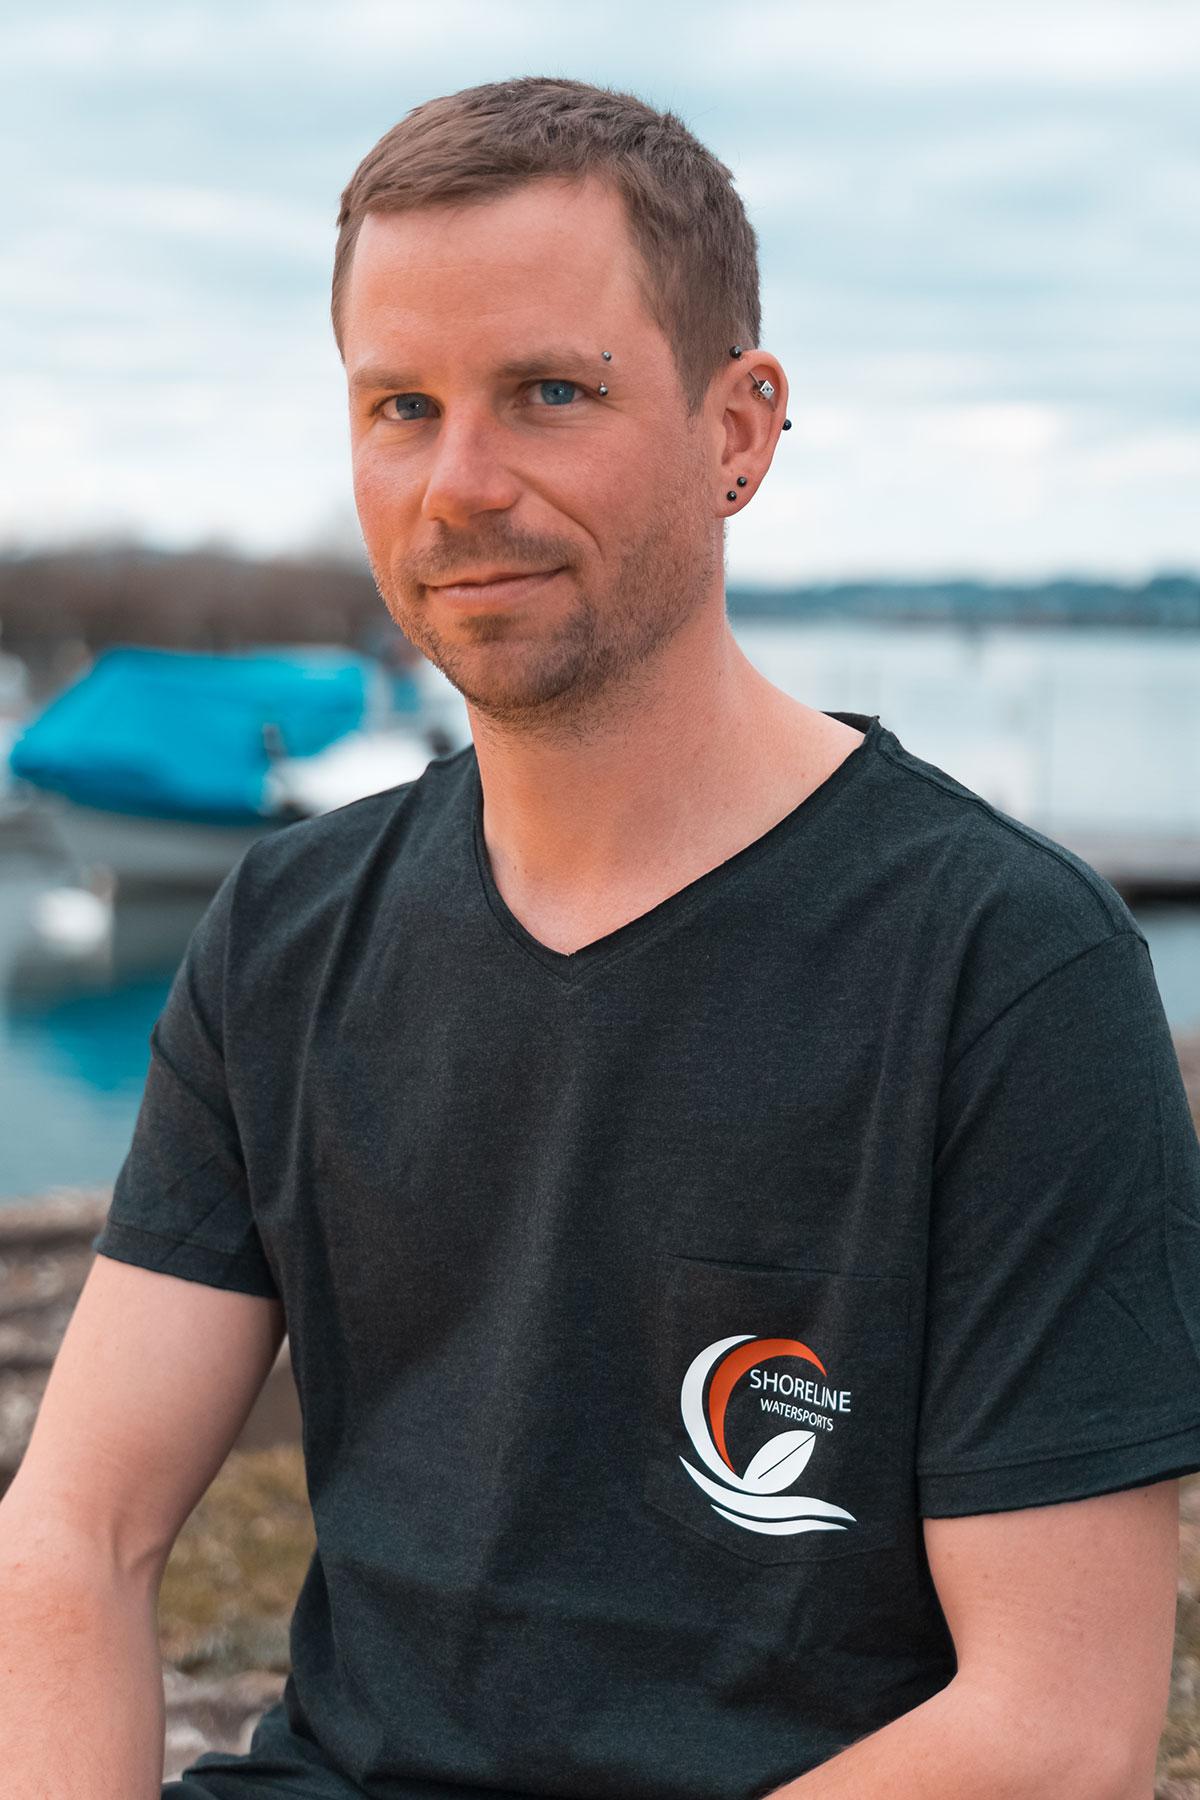 Daniel Fleischmann